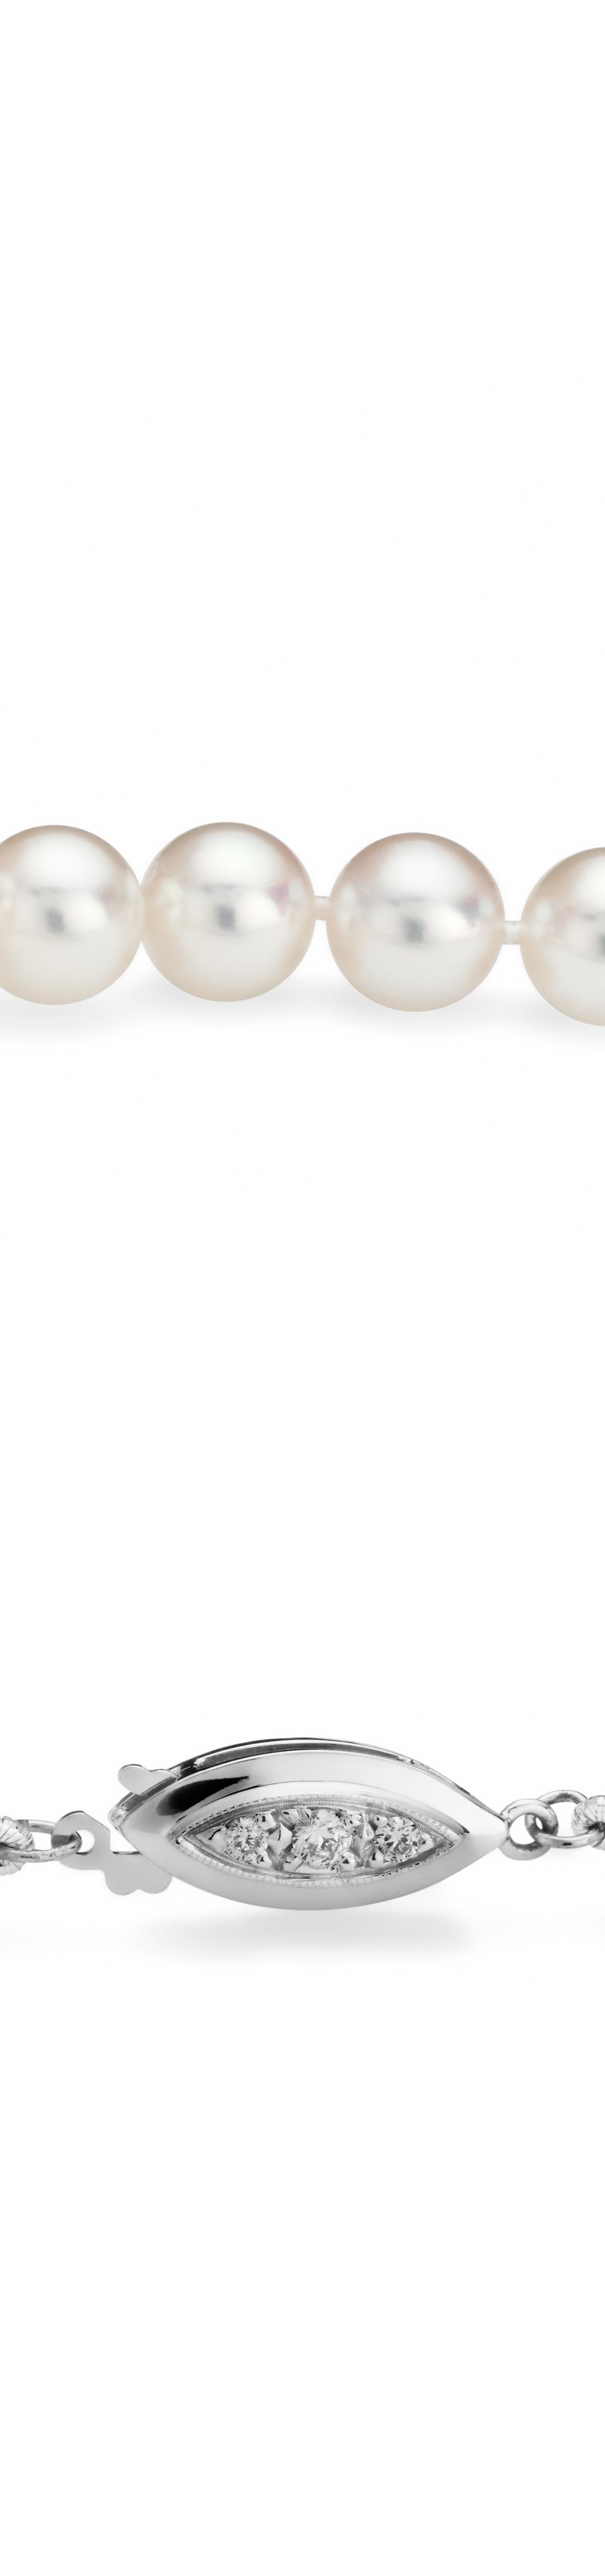 Colliers de perles d'Akoya de la plus haute qualité avec de l'or blanc 18carats